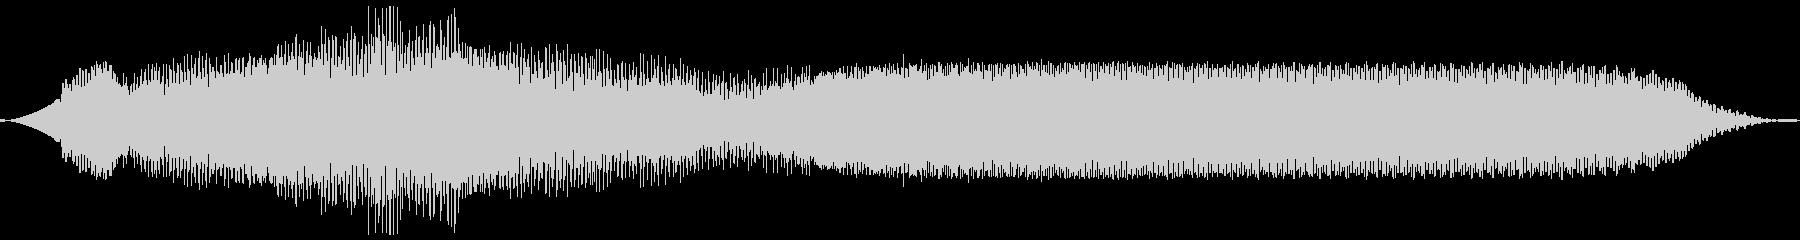 レーザーヒューシュウェインエレクトロbの未再生の波形